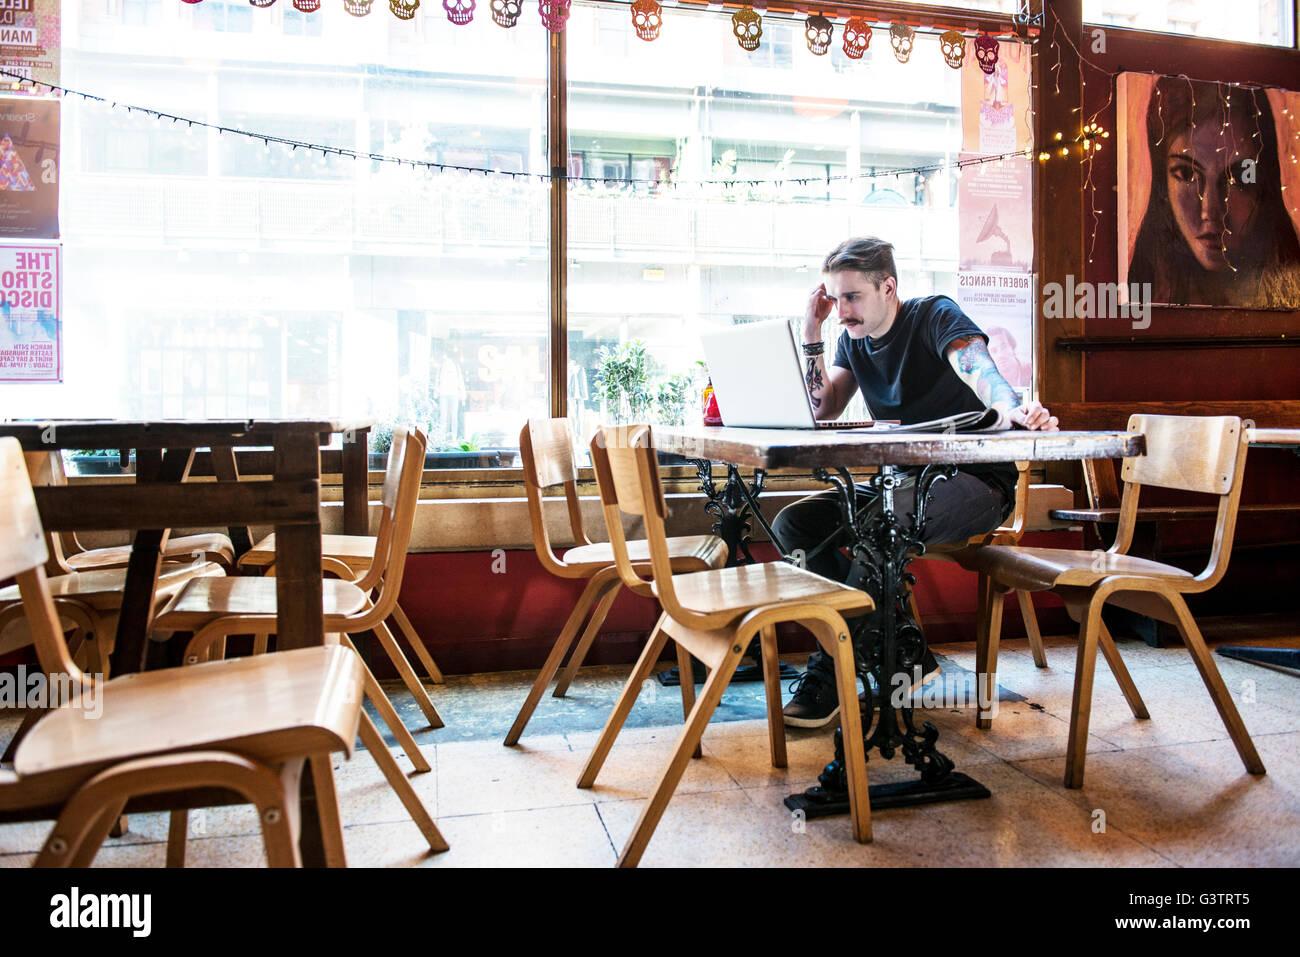 Un jeune homme assis à une table dans un café à Manchester. Photo Stock